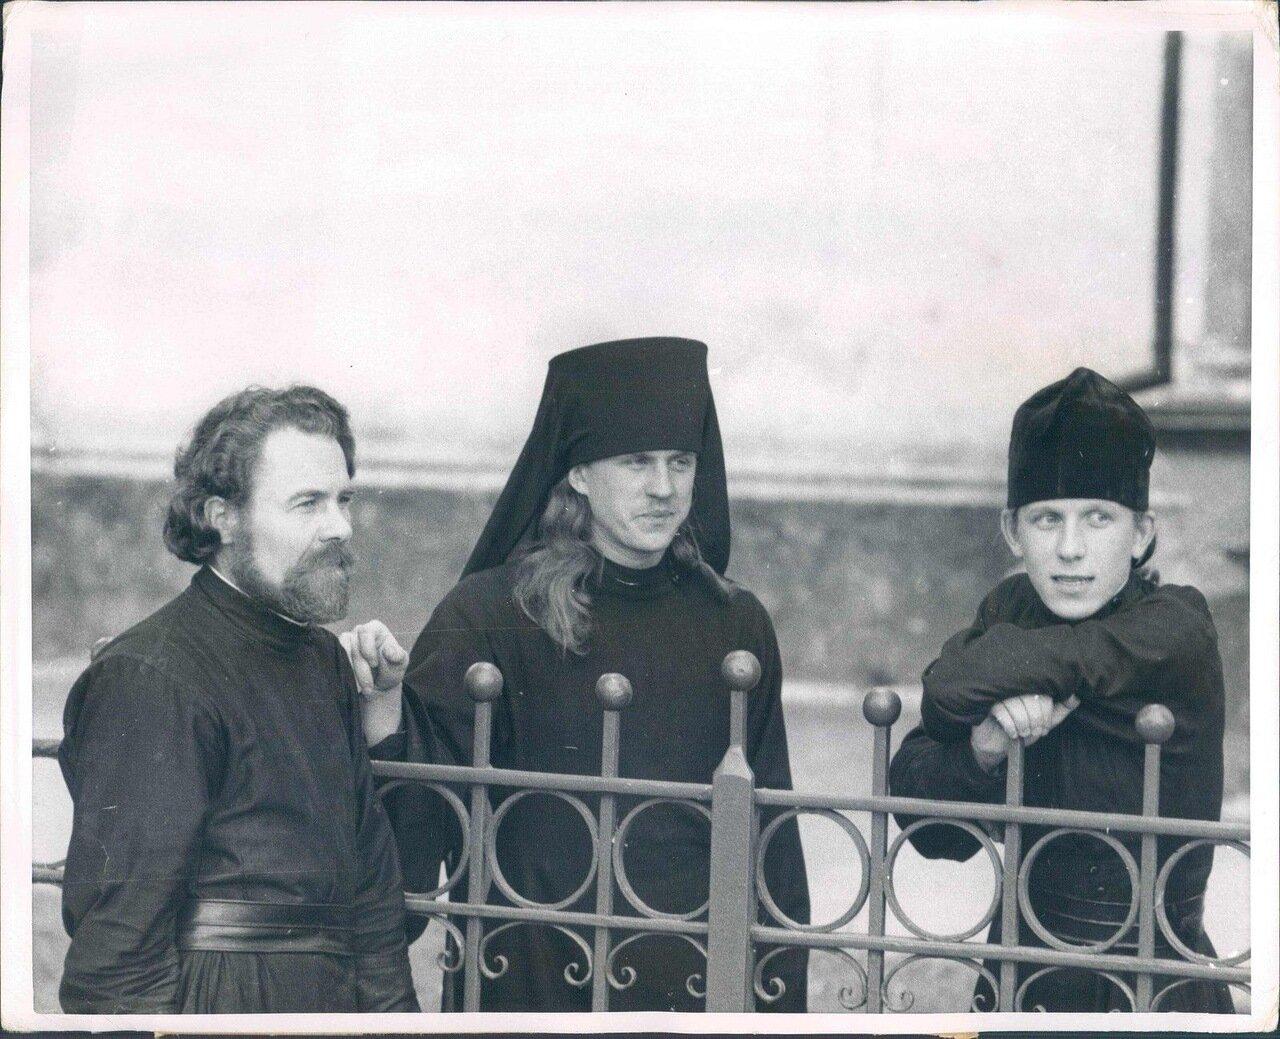 1955.  Молодые монахи любят проводить досуг на открытом воздухе